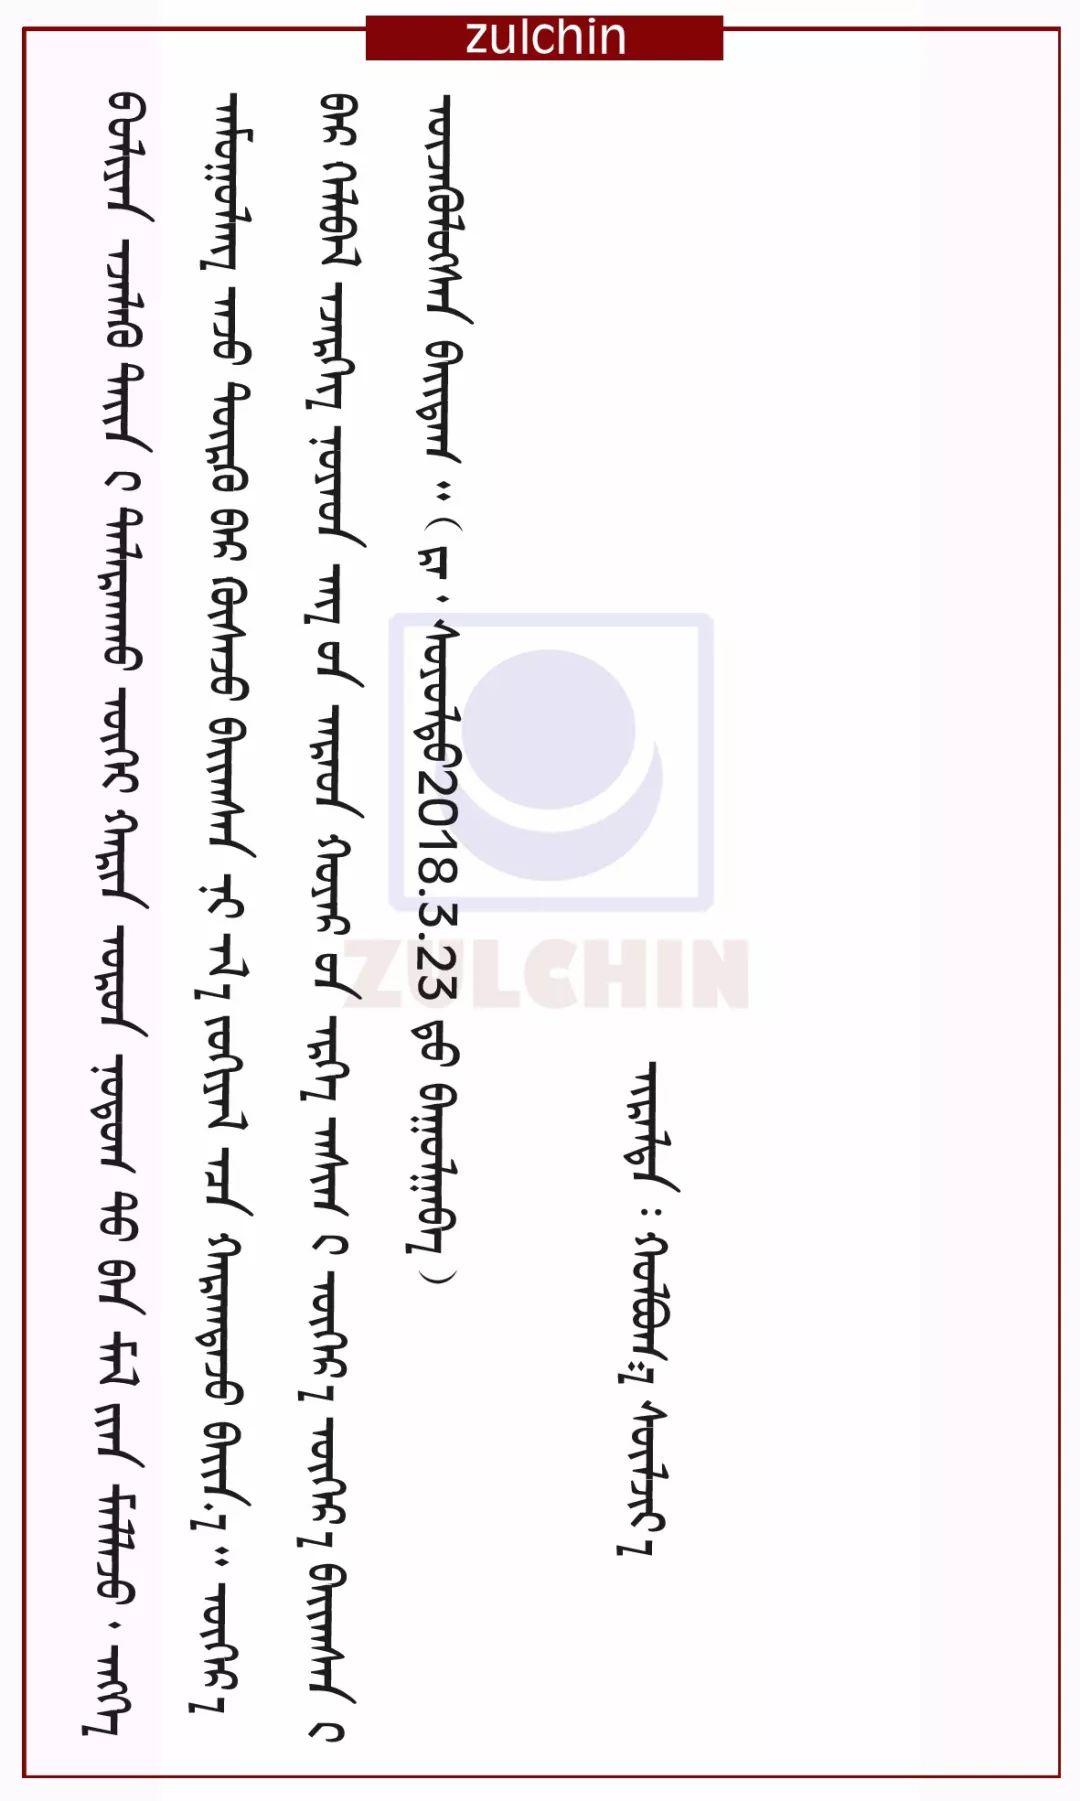 俄罗斯出土发现金帐汗国时期蒙古文信件 (蒙古文) 第6张